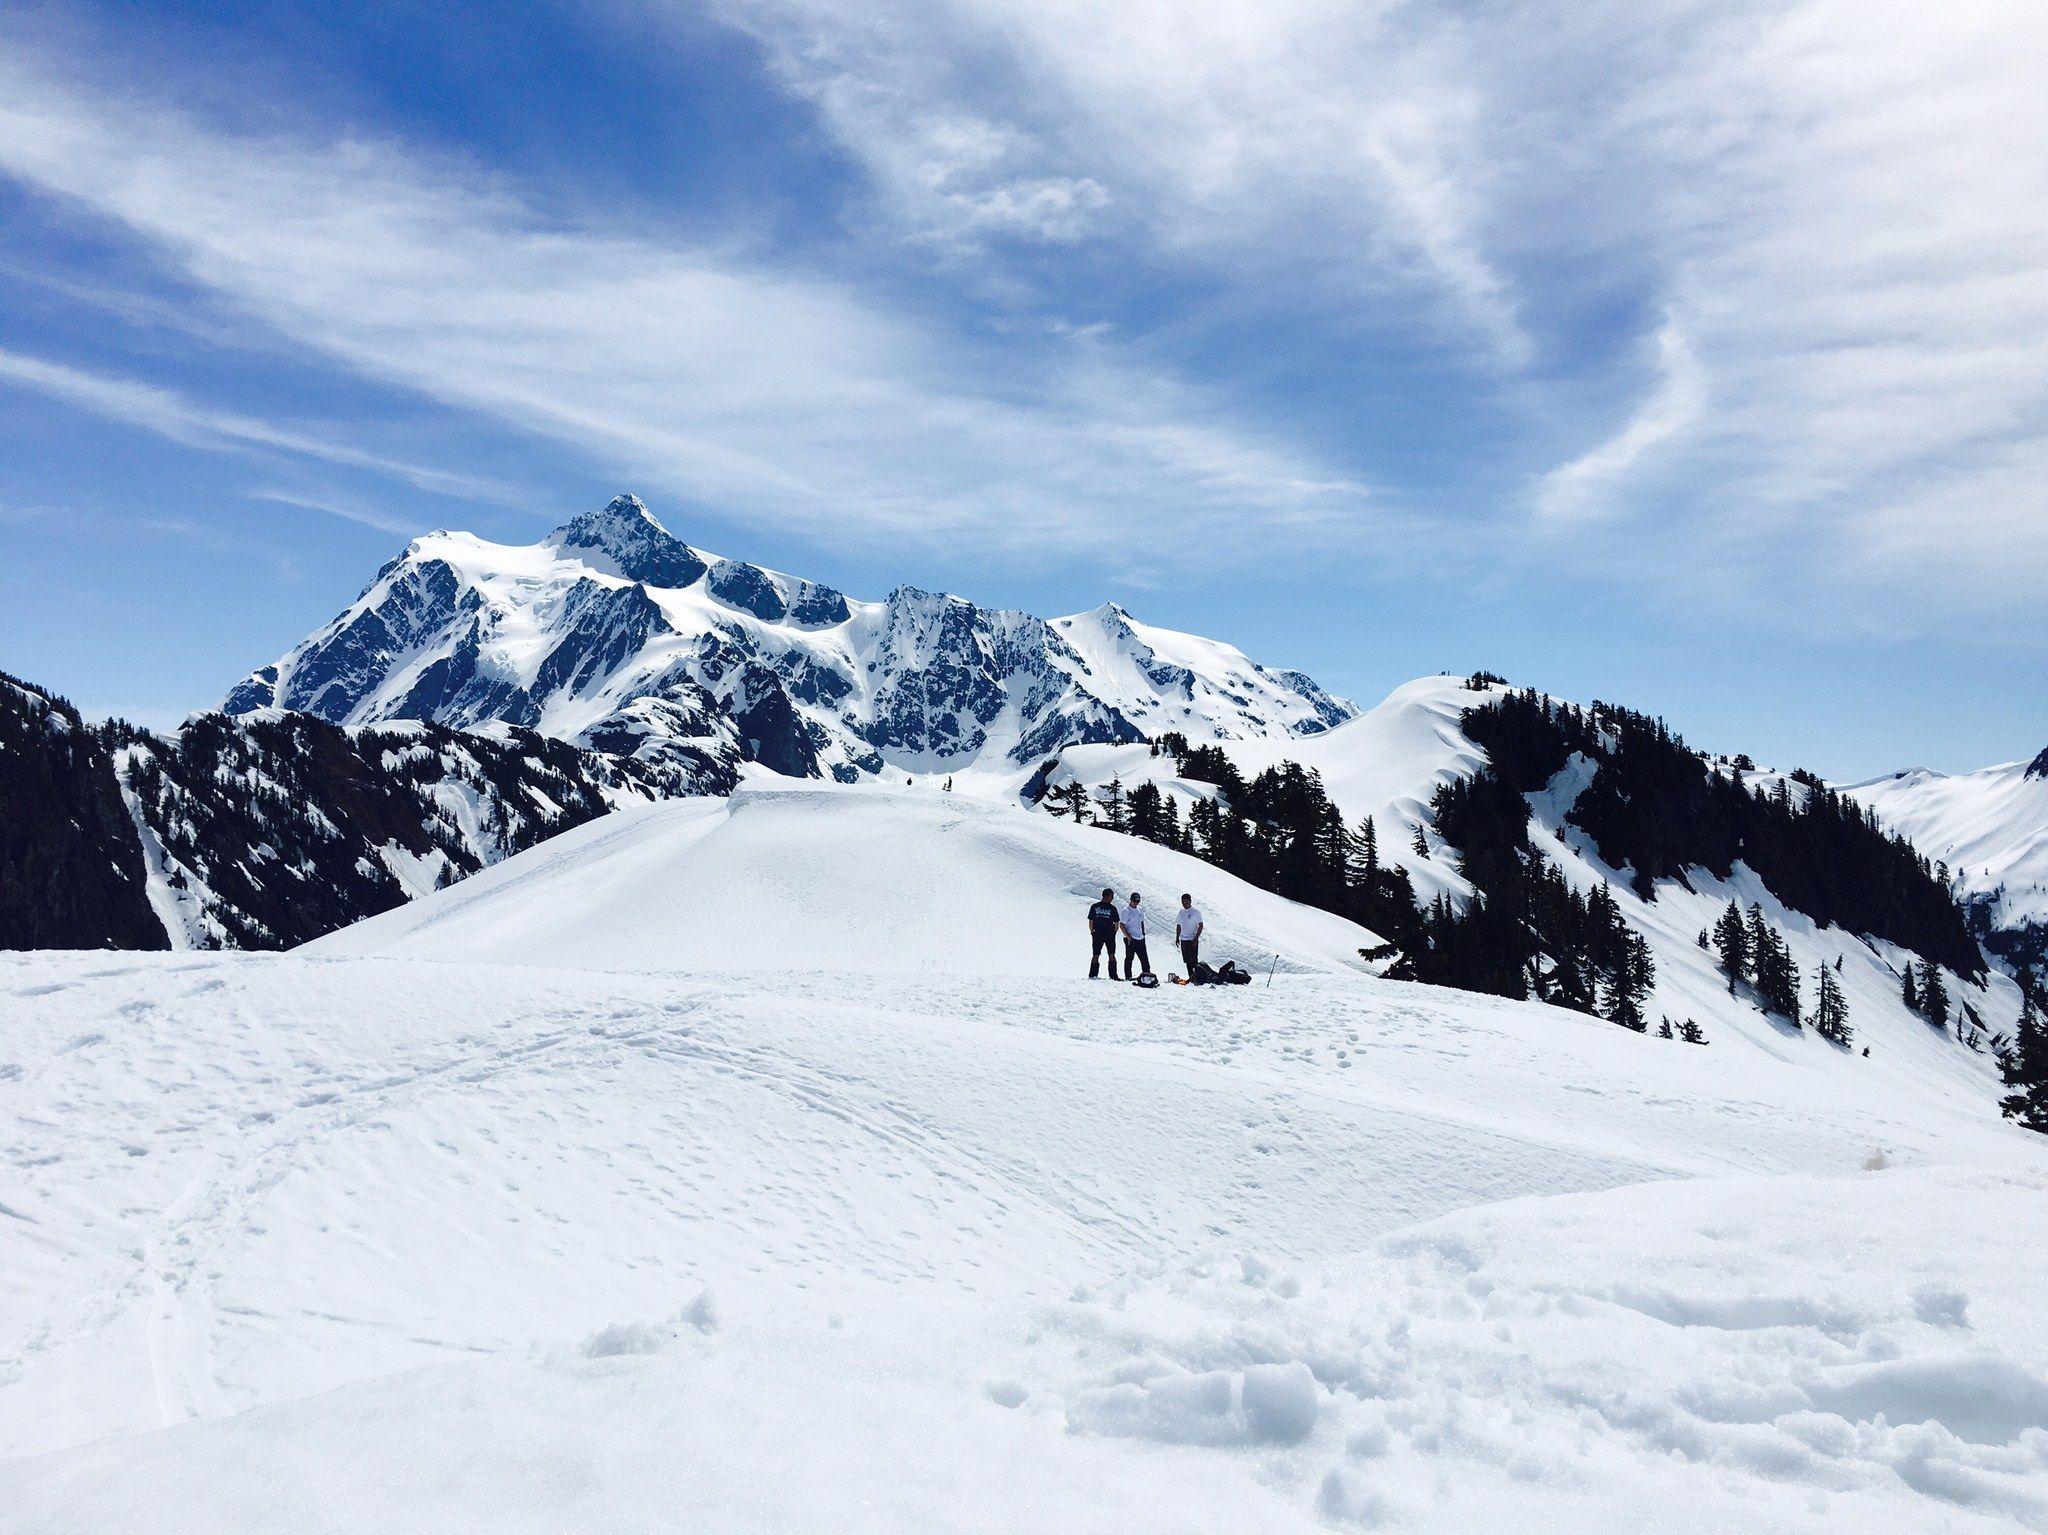 Snowshoers taking a break on Artist Point. Photo by marmot